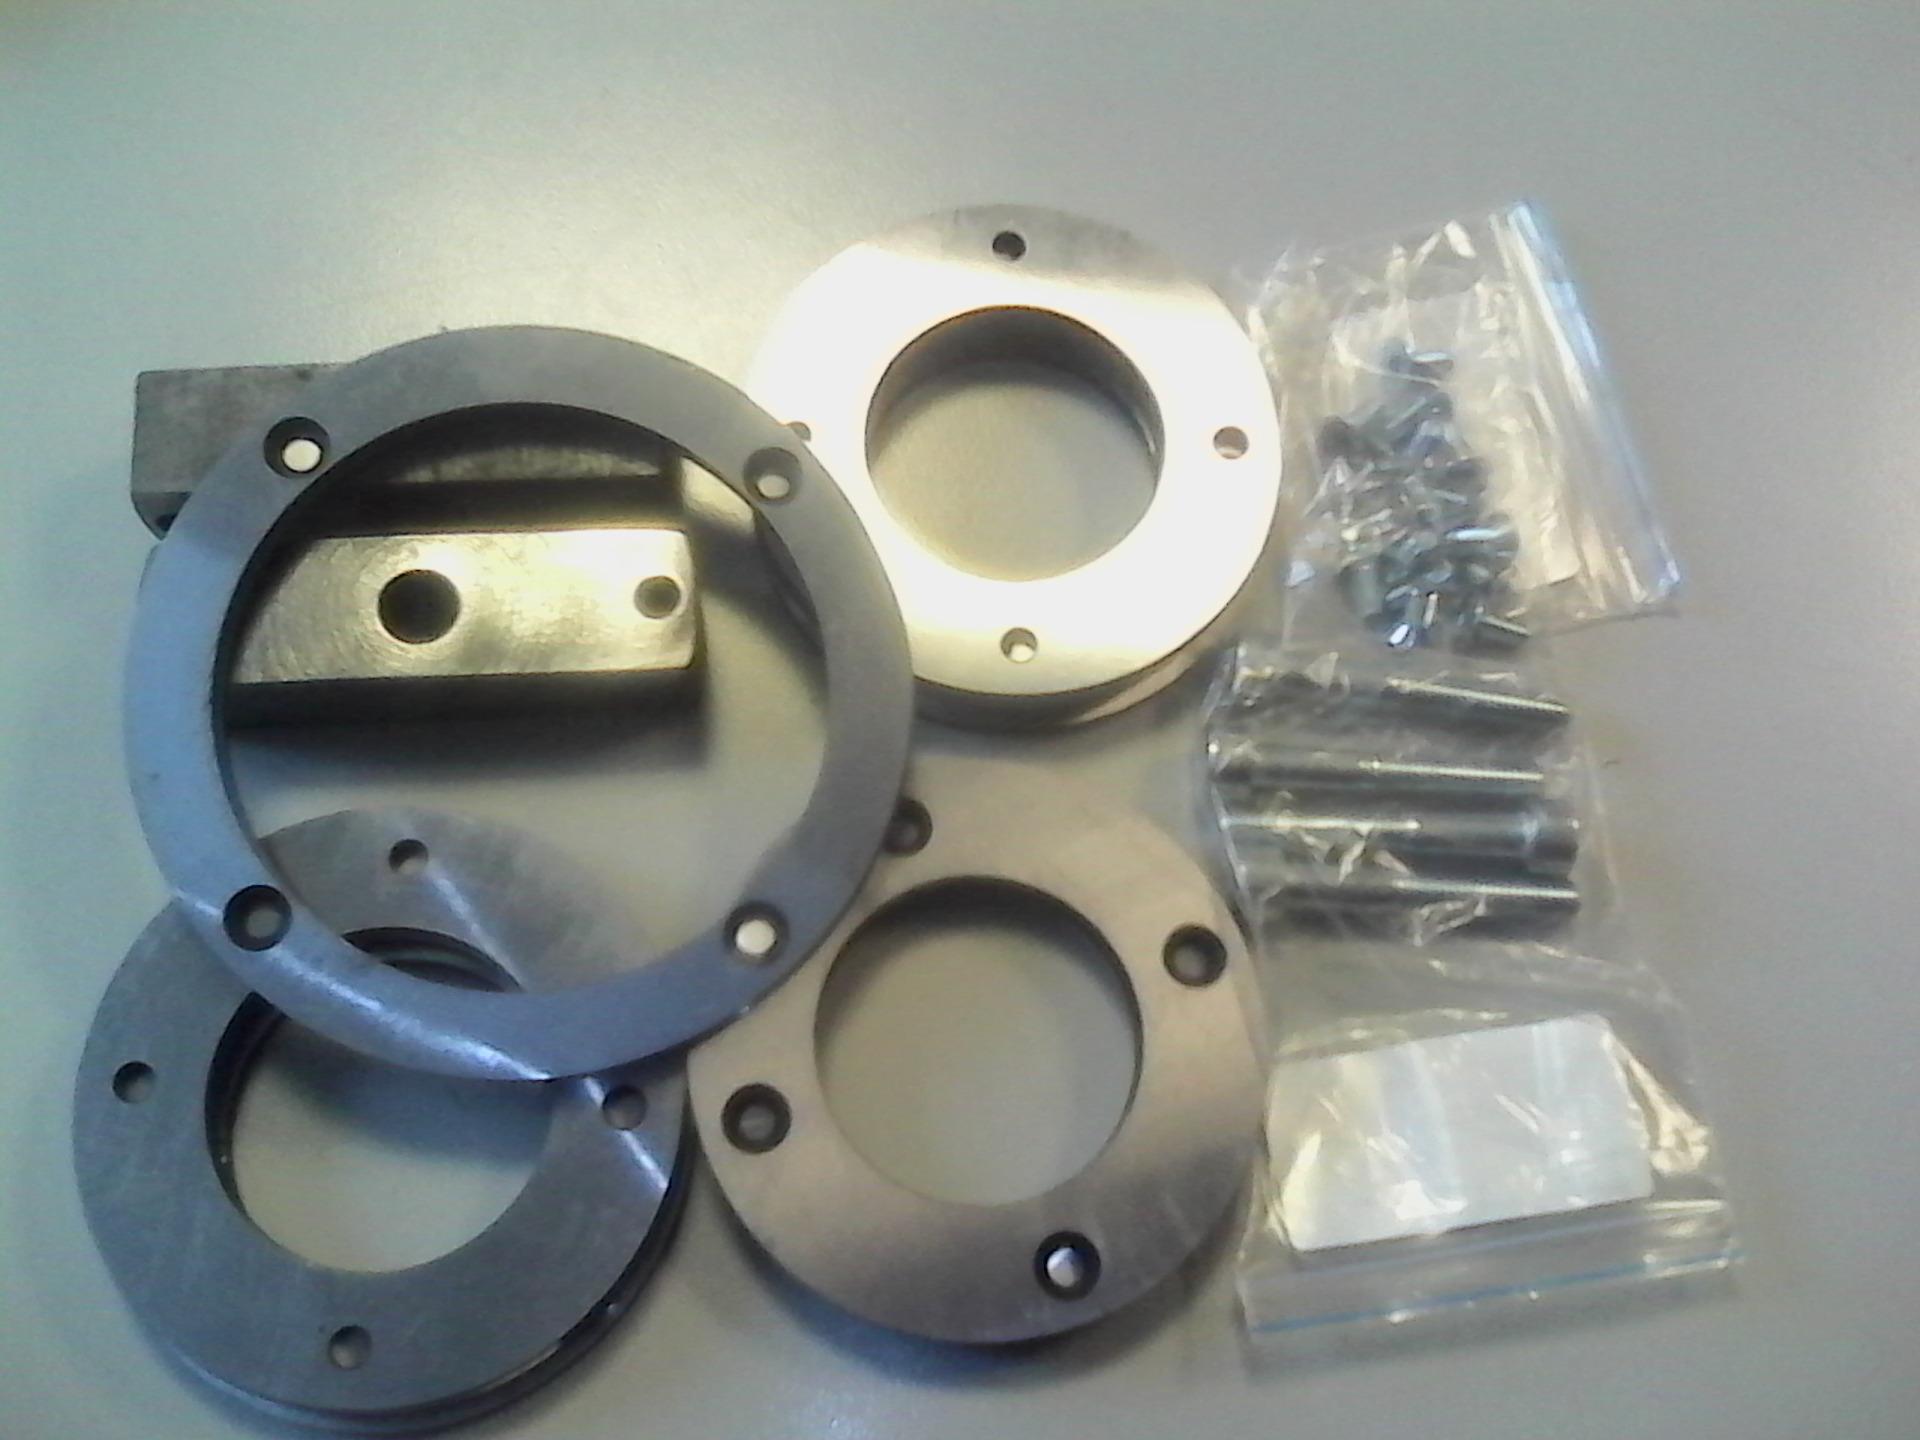 Шпиндель в сборе, механическая обработка металла, изготовление деталей под заказ, механическая обработка, изготовить детали из металла,